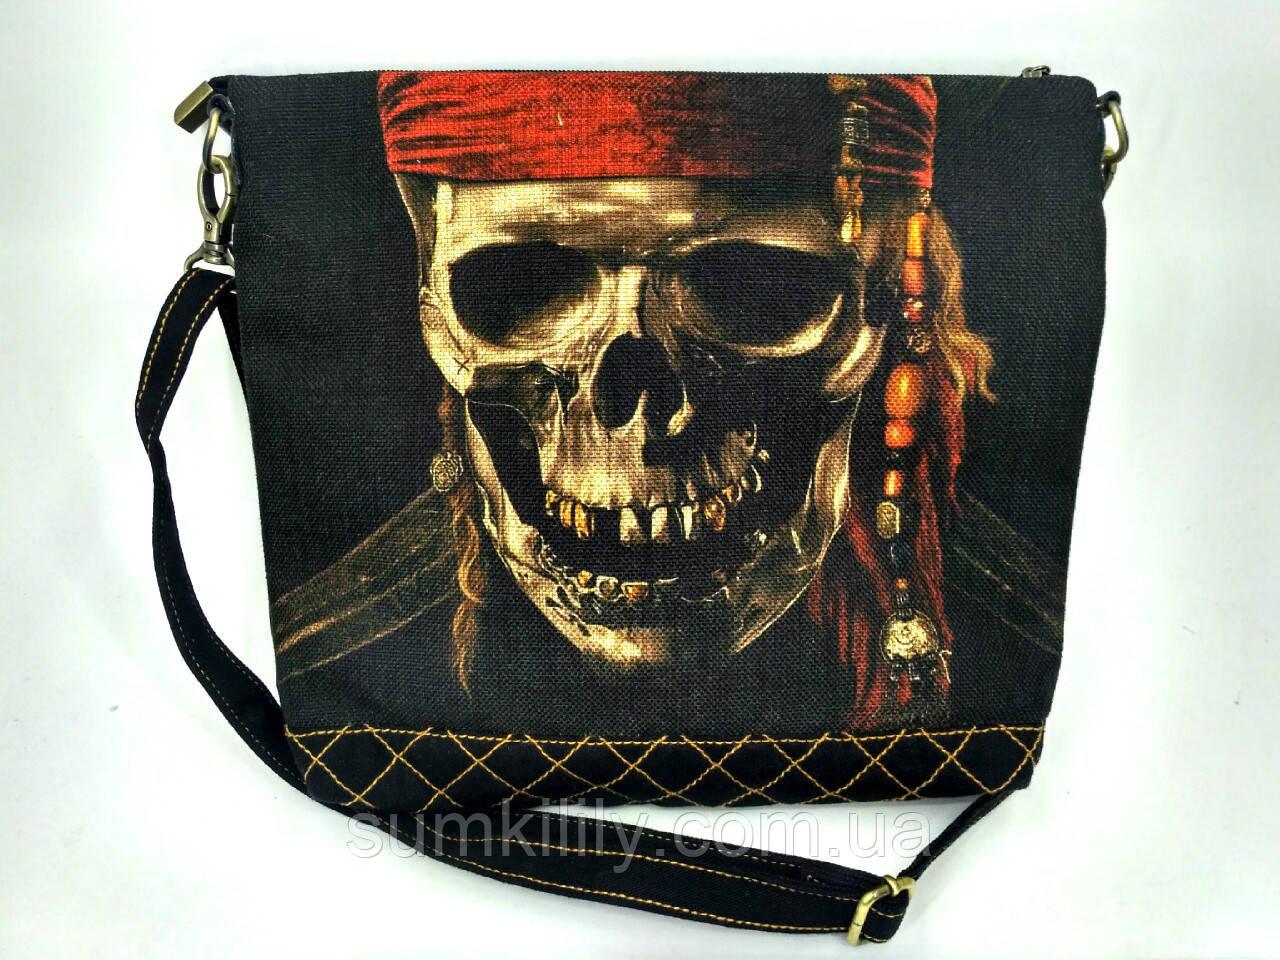 Джинсовая стеганная сумочка Джек Воробей